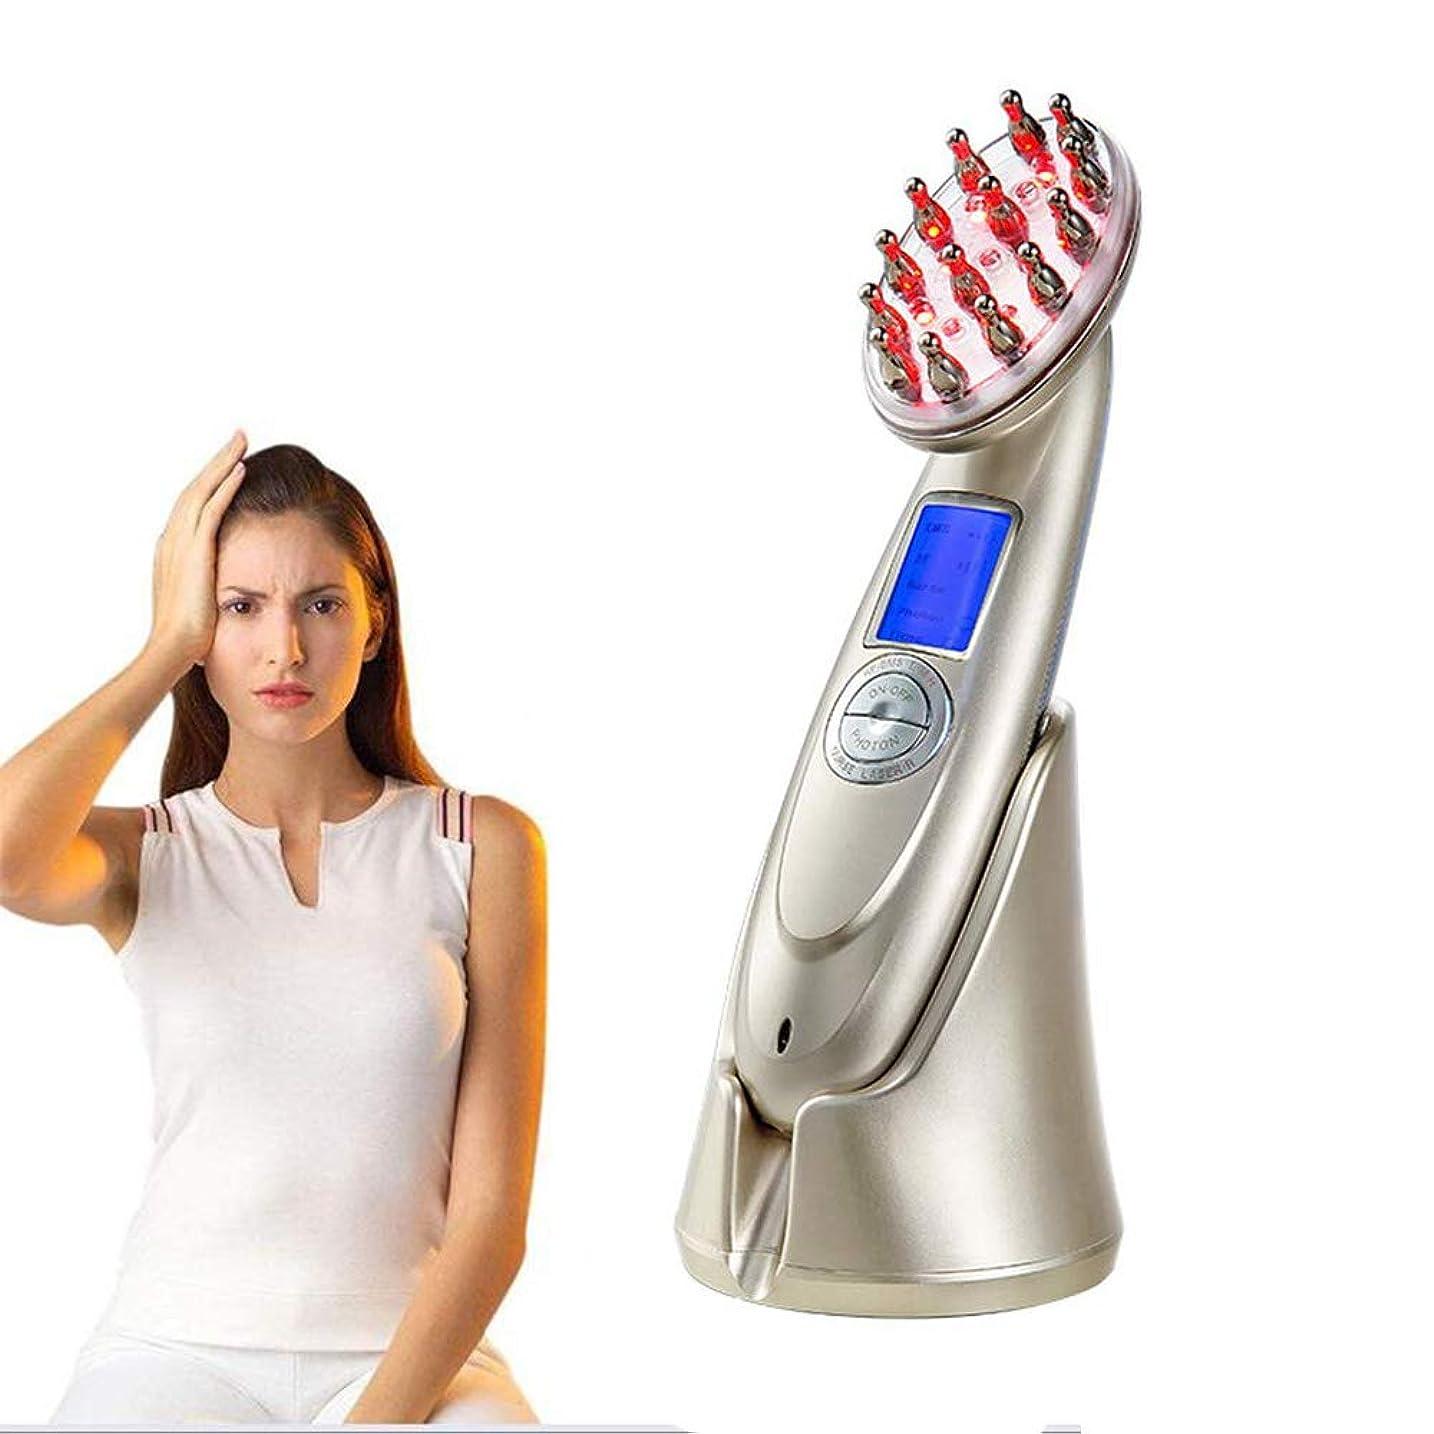 幻影ボンド巡礼者電気頭皮マッサージポータブルヘッドマッサージャーフォトンレーザーRFくしヘッドをリラックスして刺激する抗毛損失治療装置